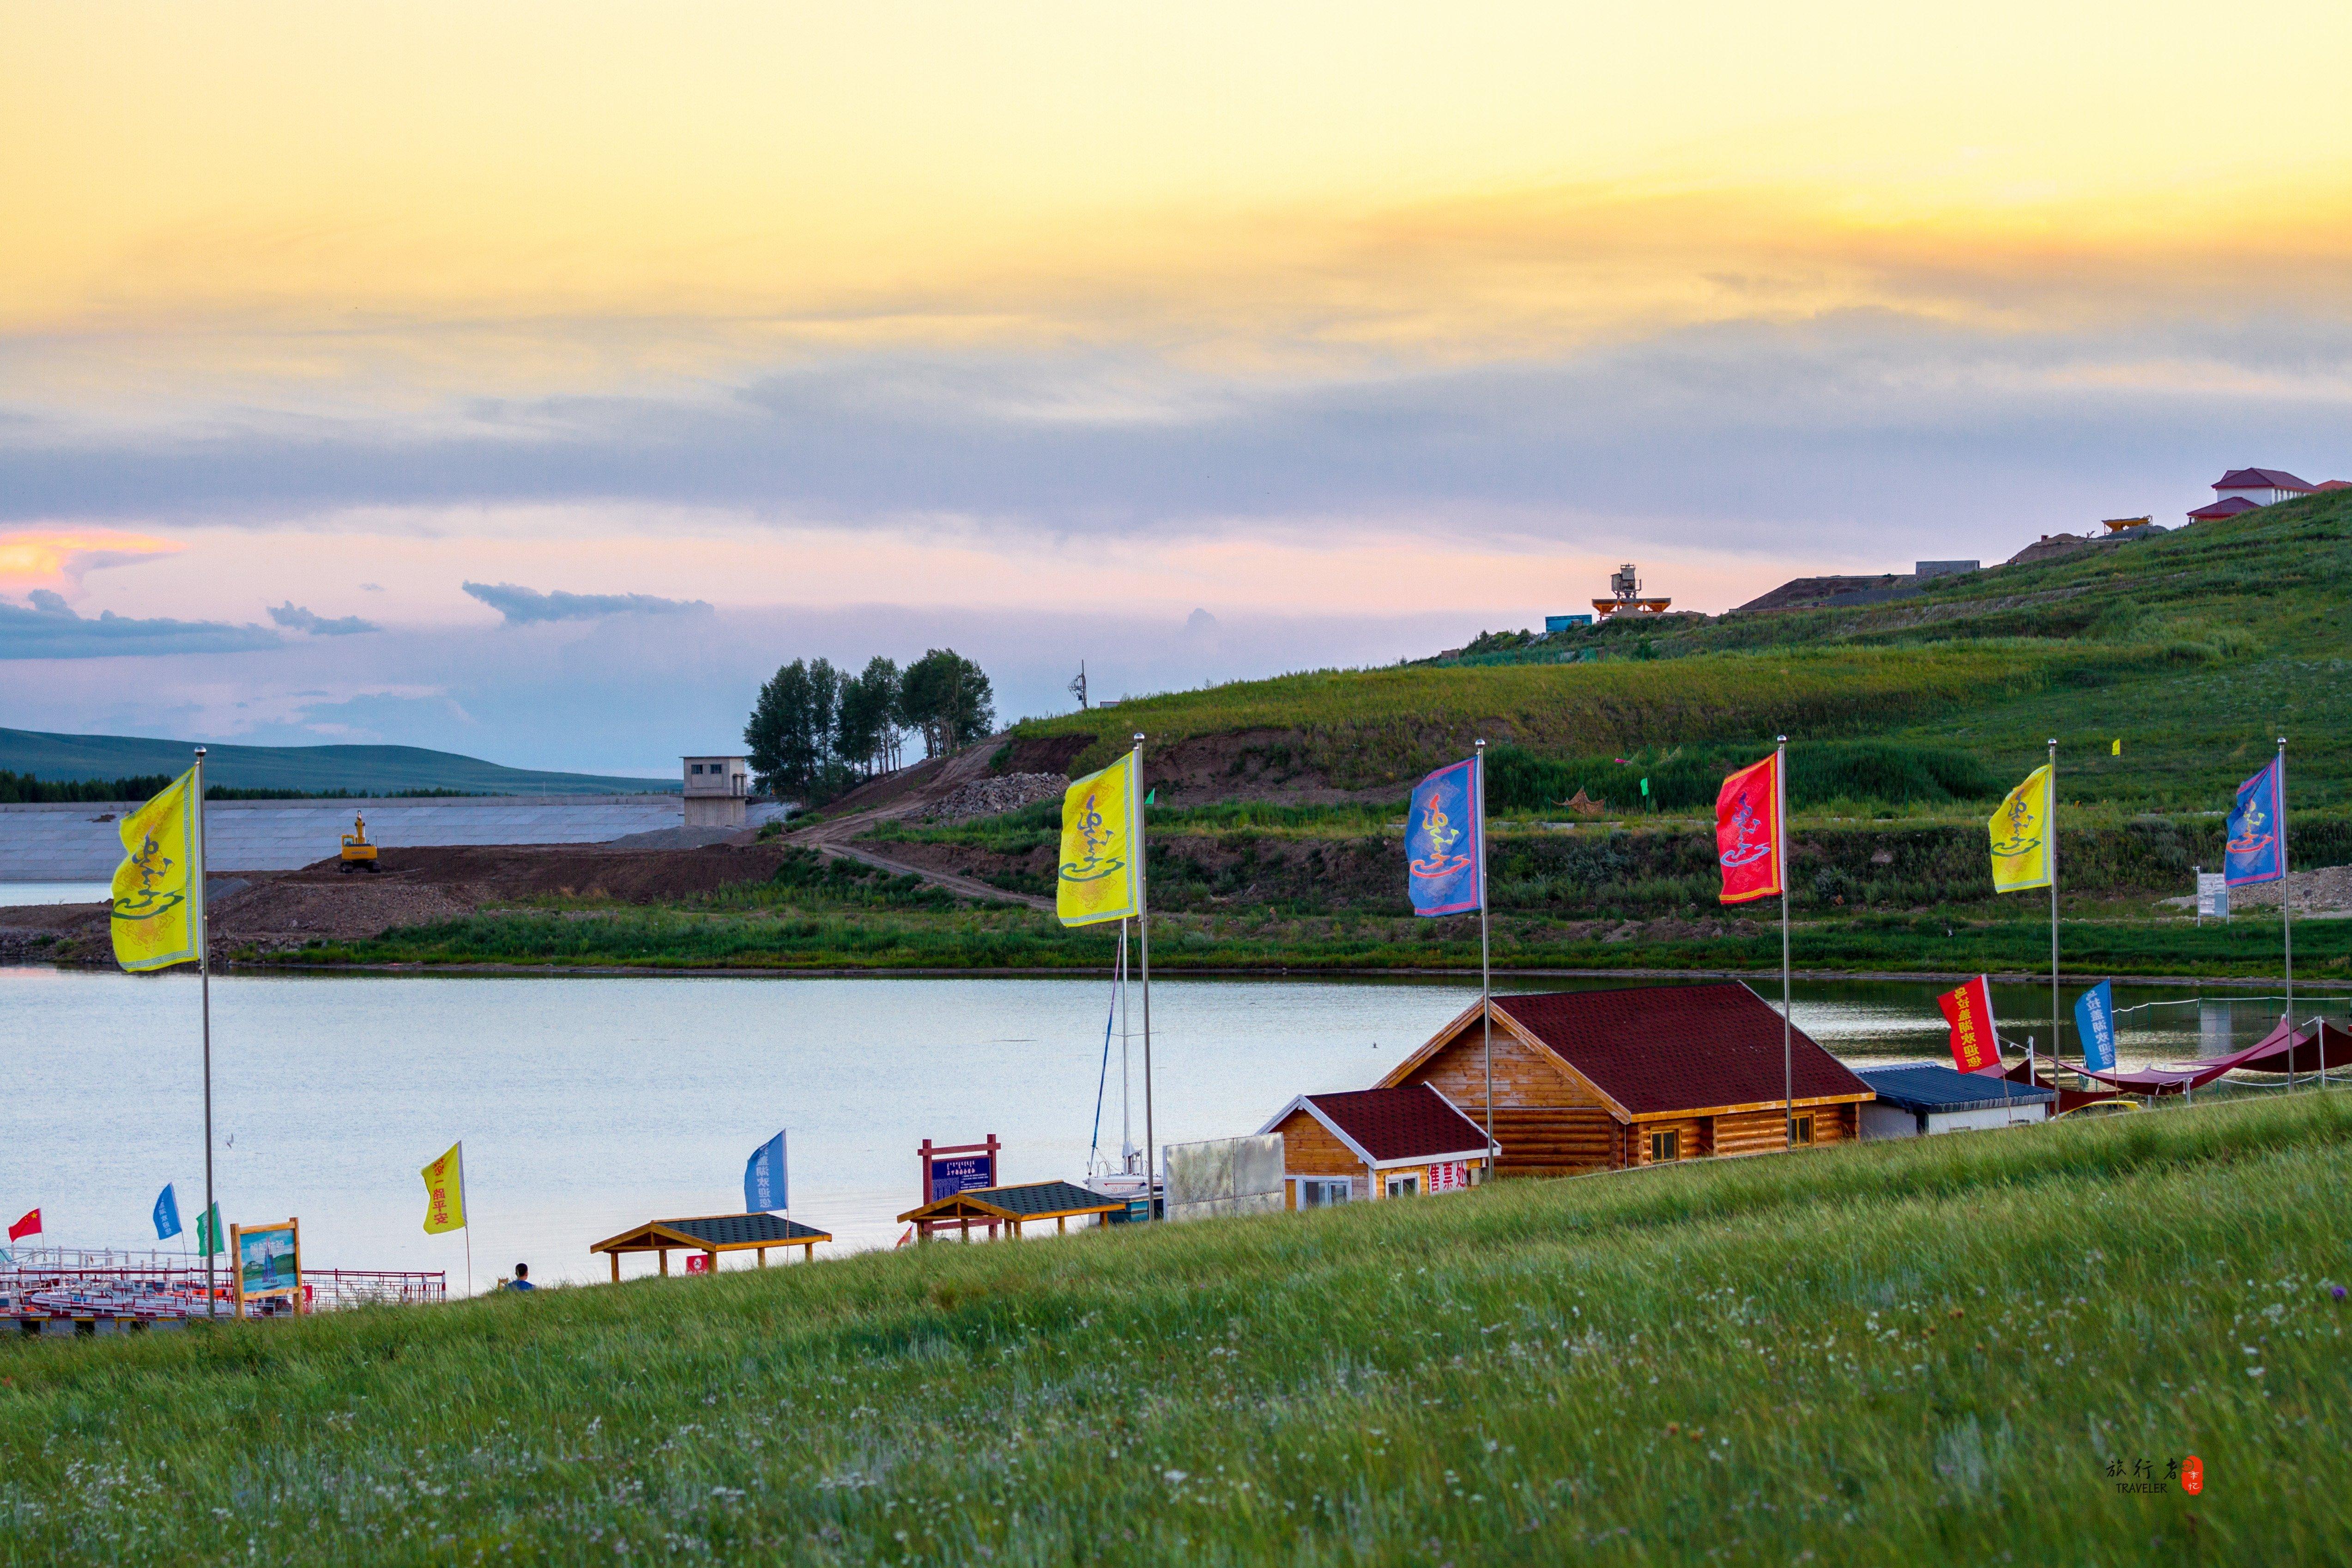 位于著名的乌珠穆沁草原中心,是北方几万平方公里干旱草原和乌拉盖